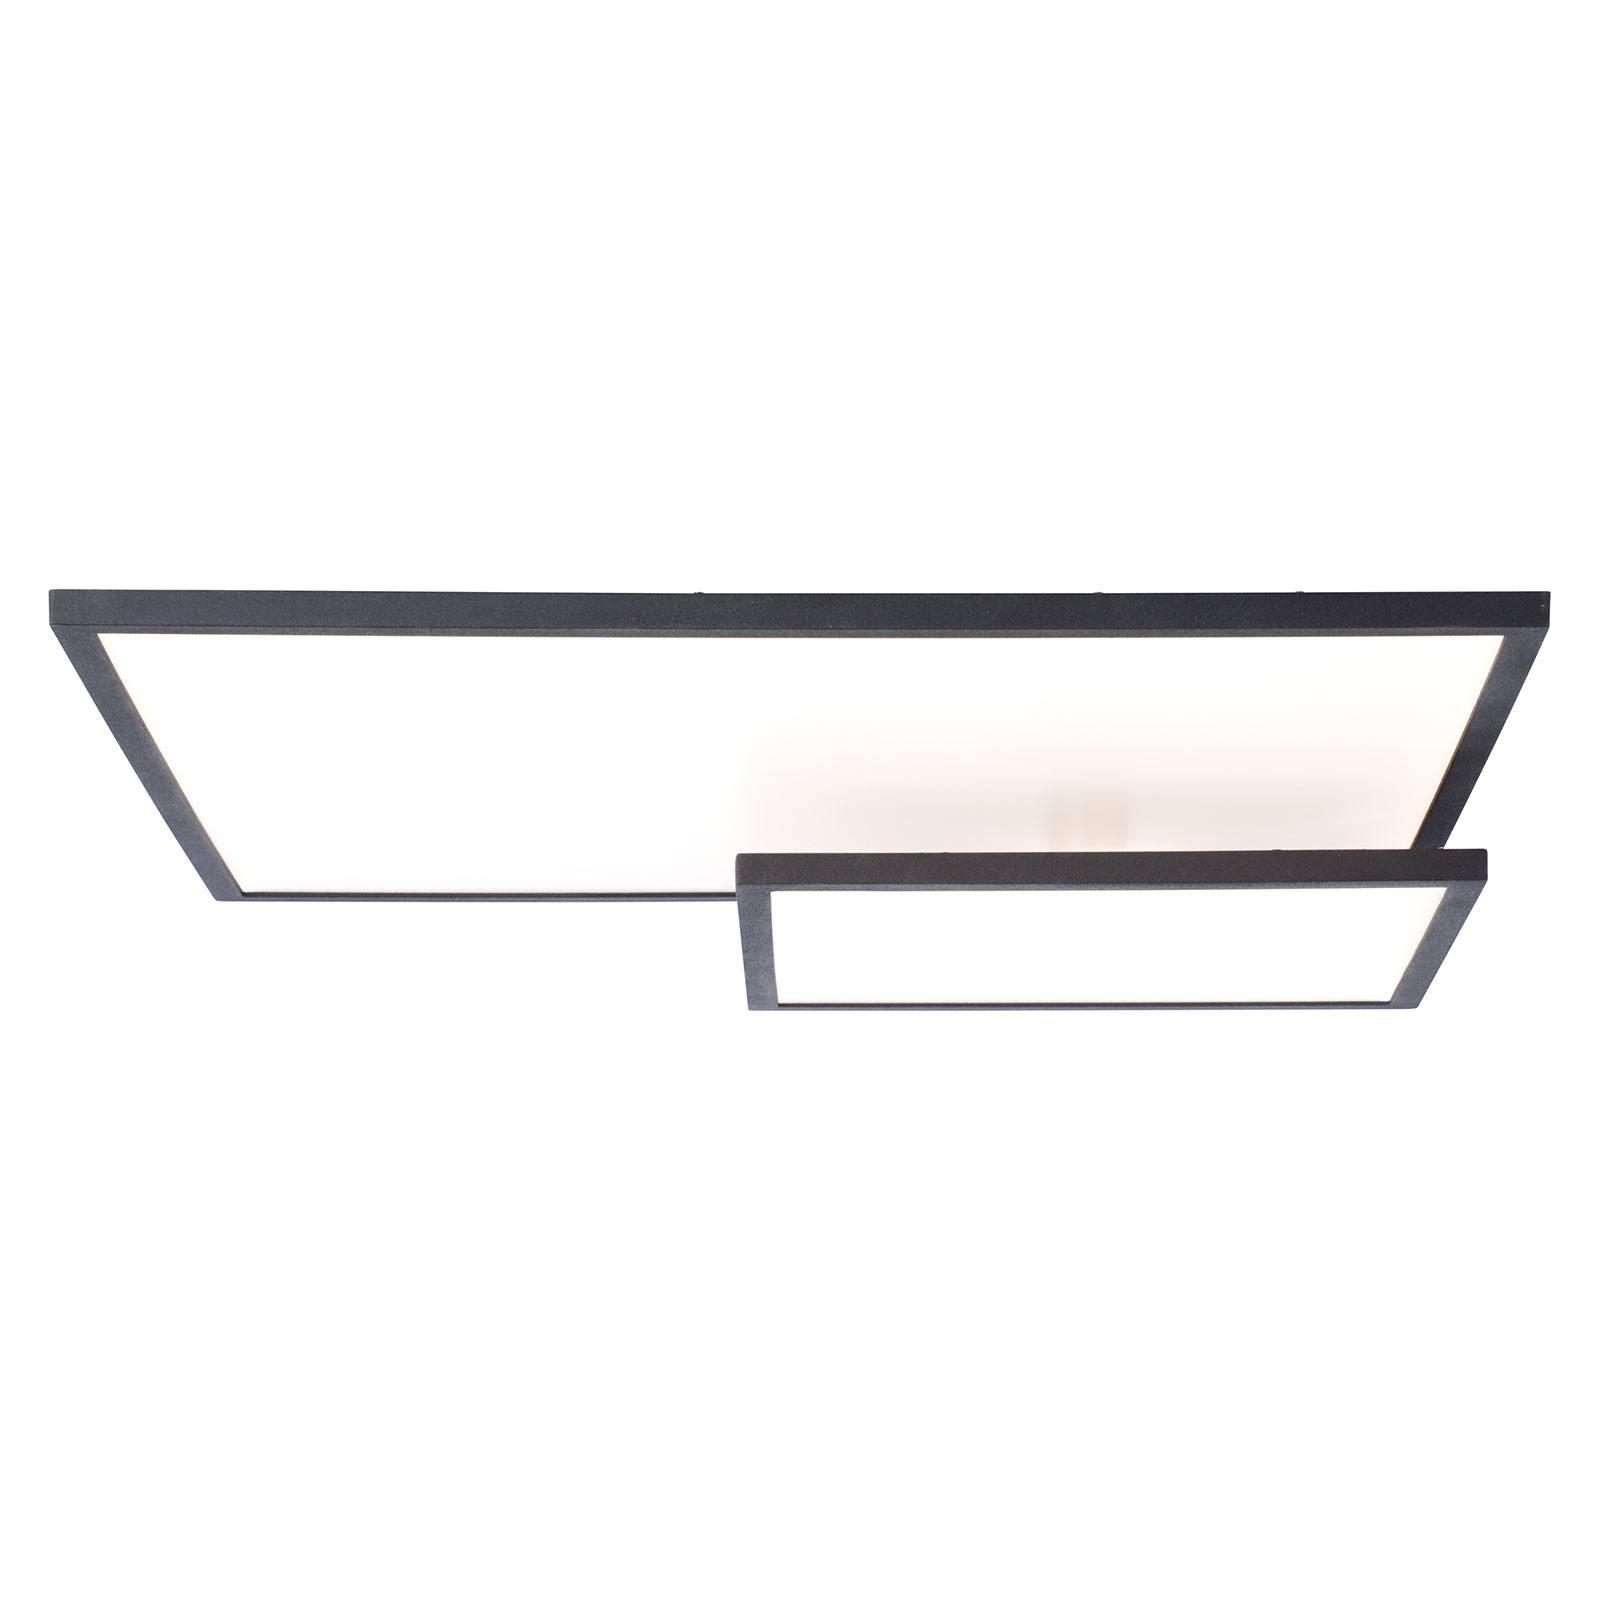 Bility-LED-kattovalo, pituus 62 cm, musta kehys